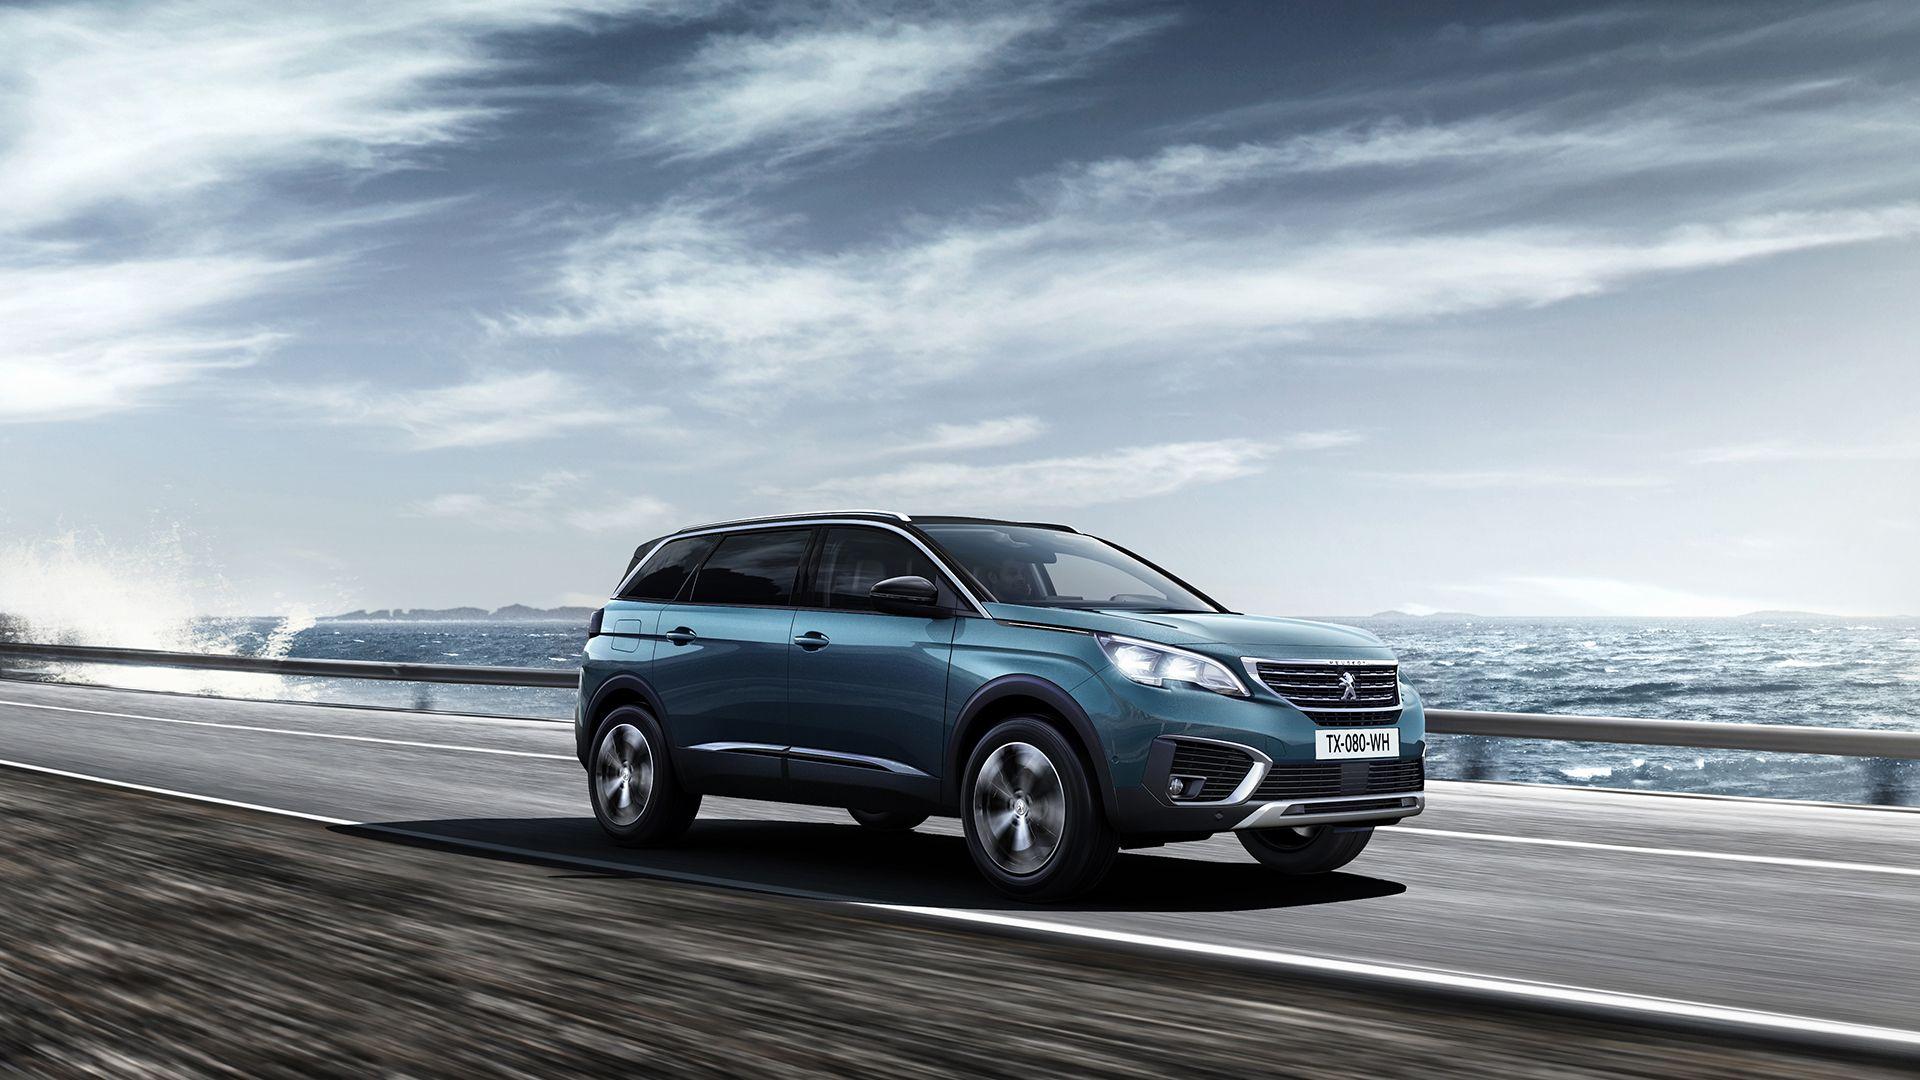 5 motivos para conducir el nuevo SUV Peugeot 5008